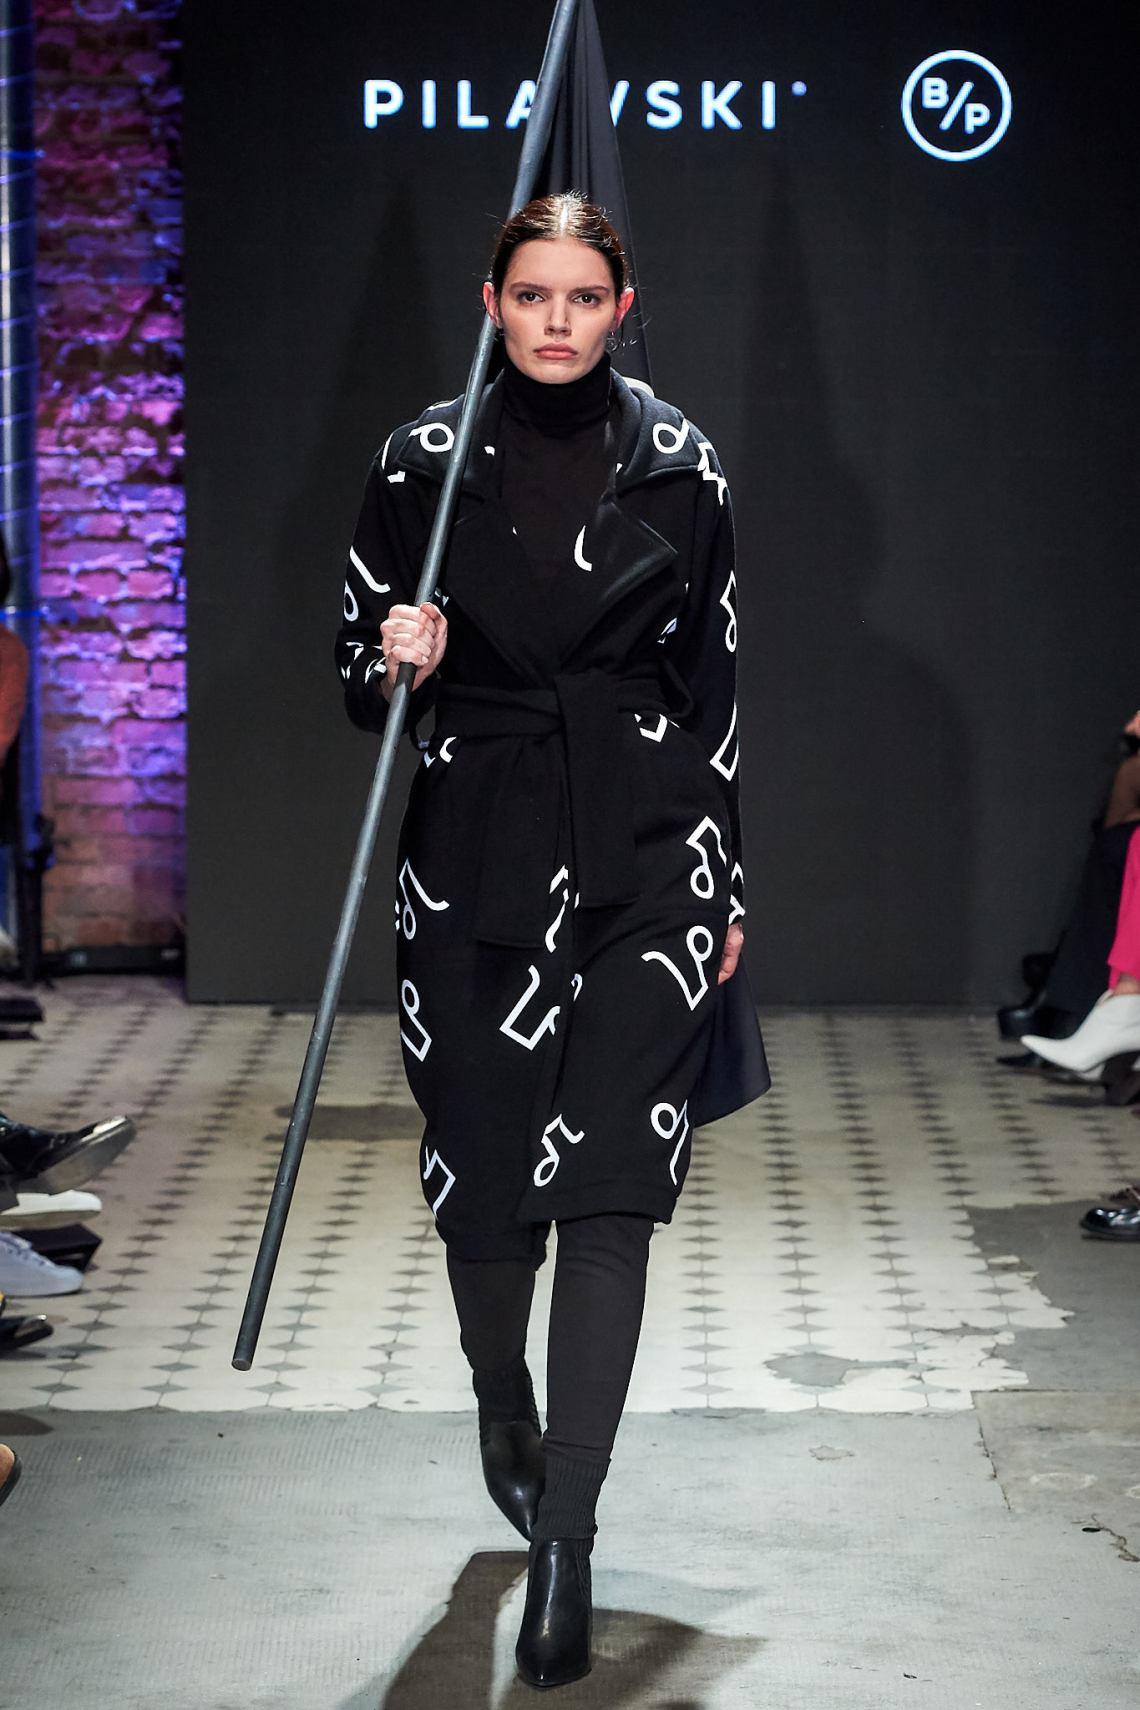 8_KTW_DAY2_121019_PILAWSKI_lowres-fotFilipOkopny-FashionImages